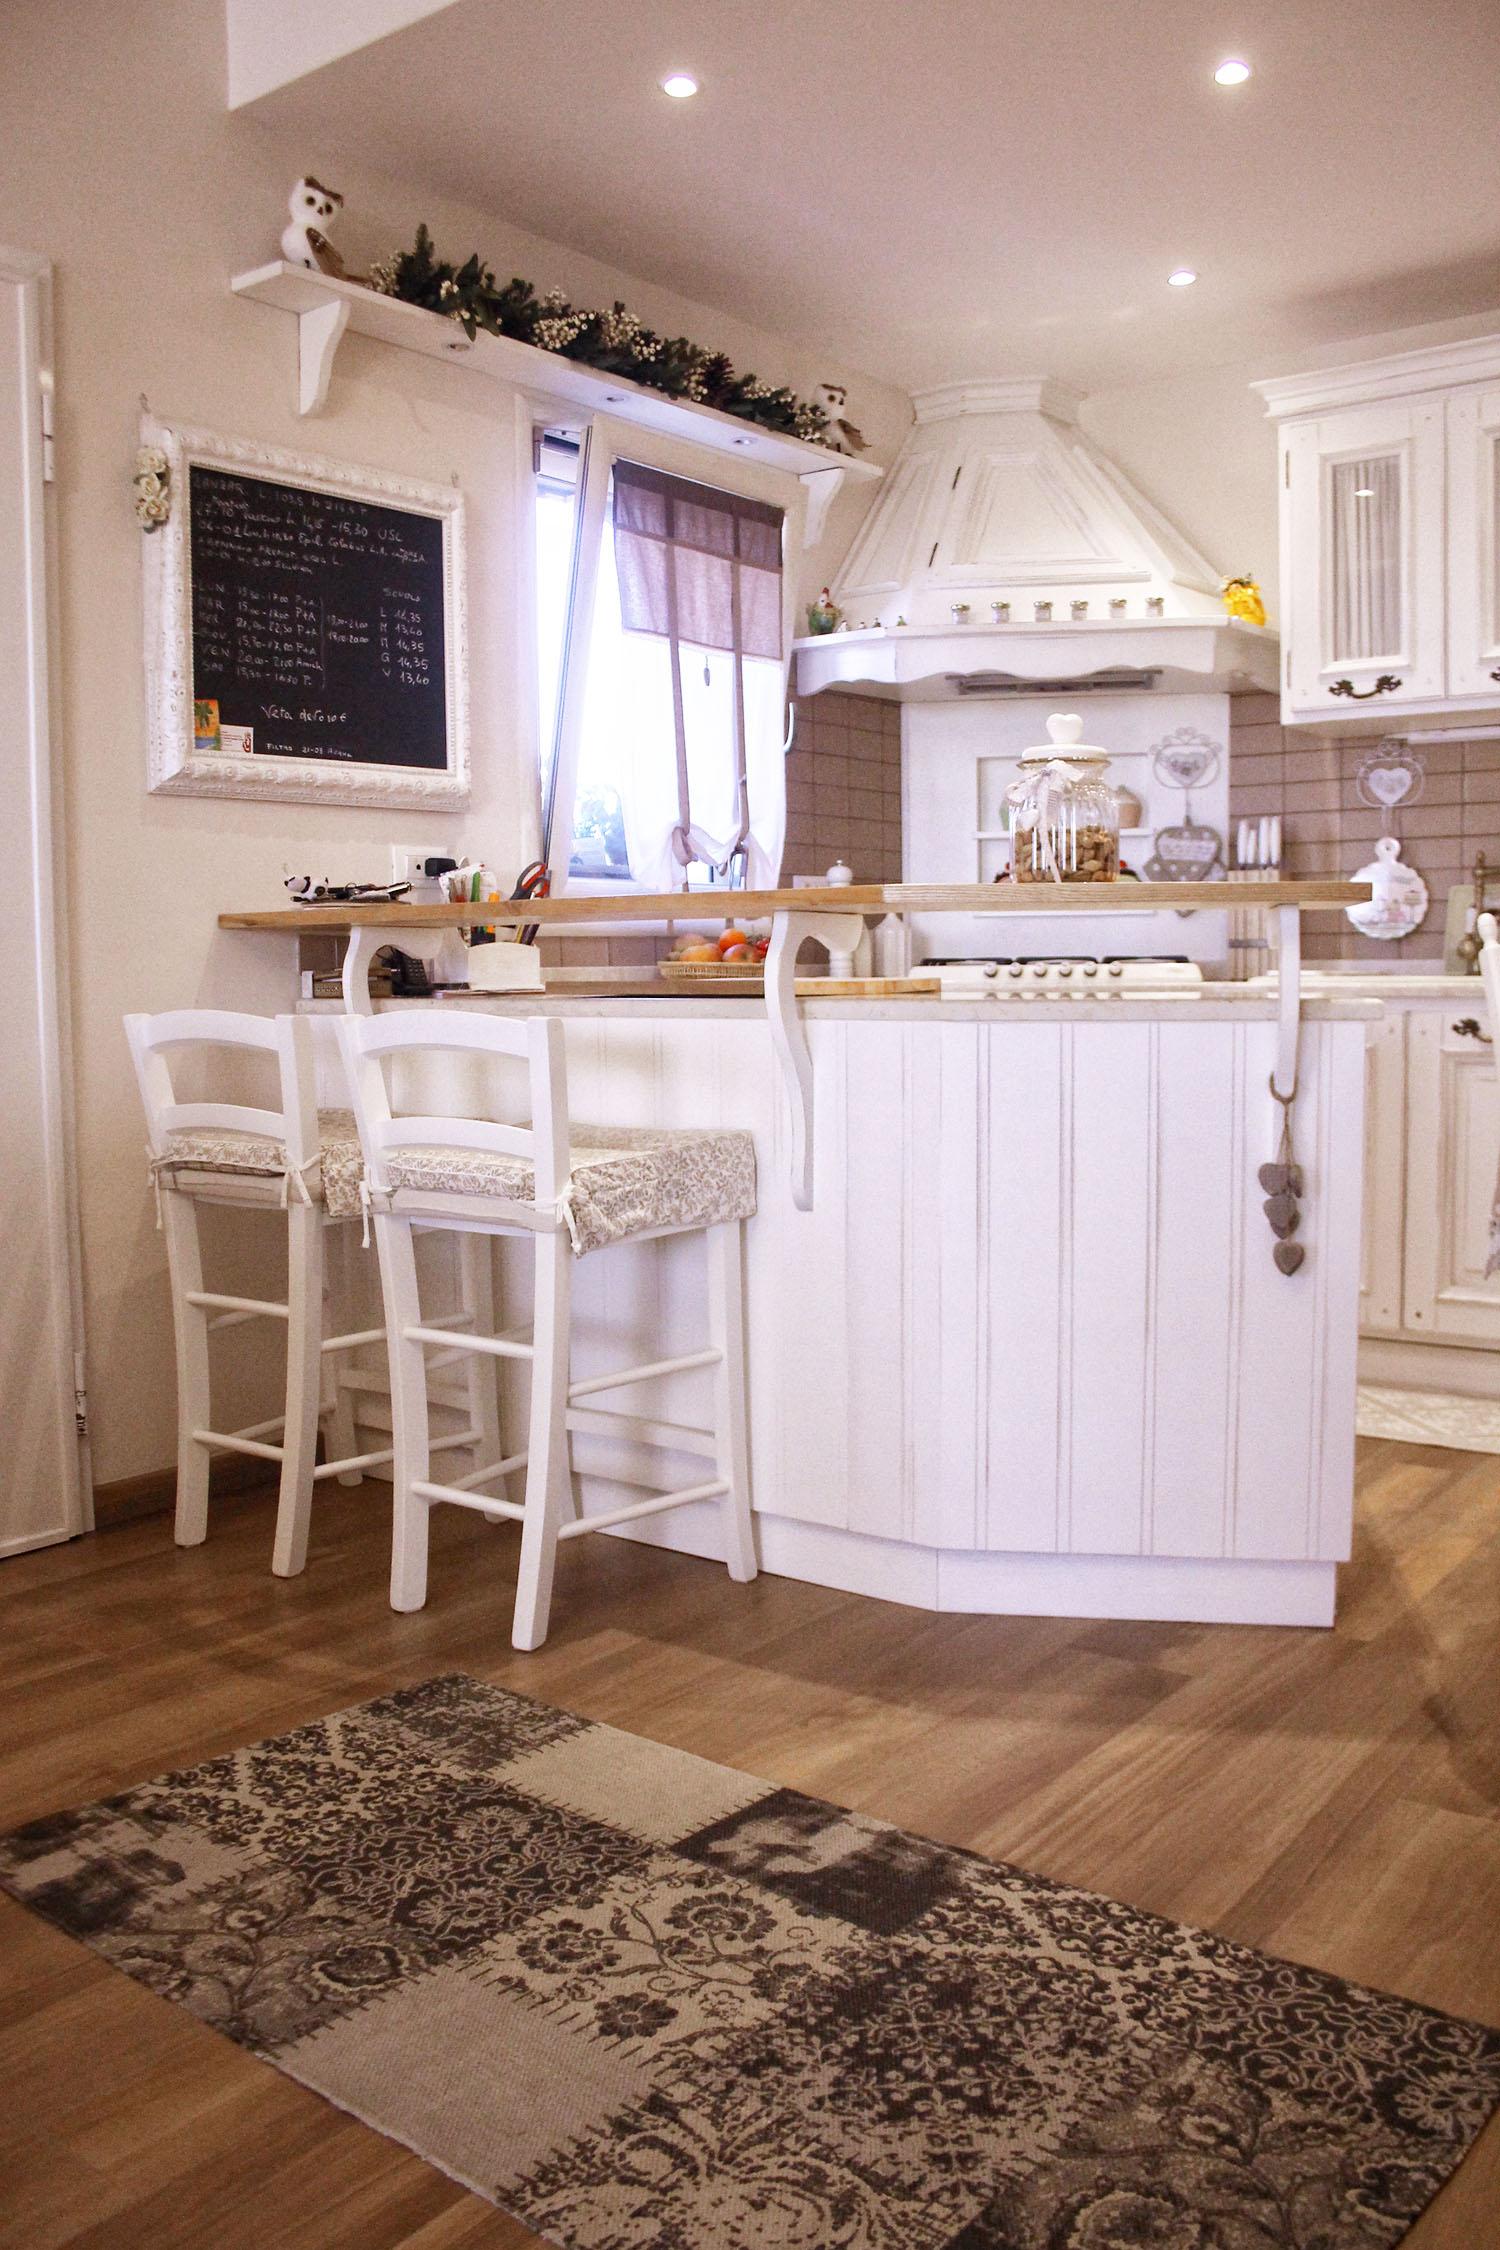 cucina shabby chic falegnameria su misura roma (7)